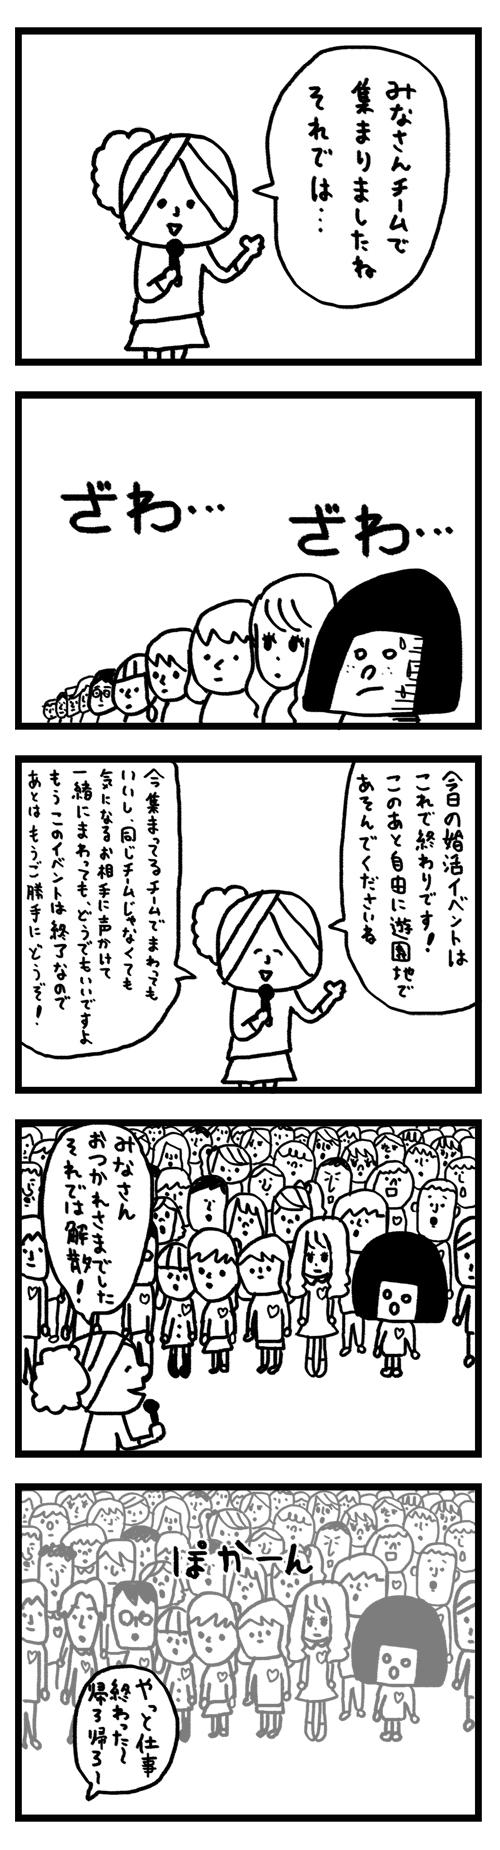 モテないアラサー漫画2